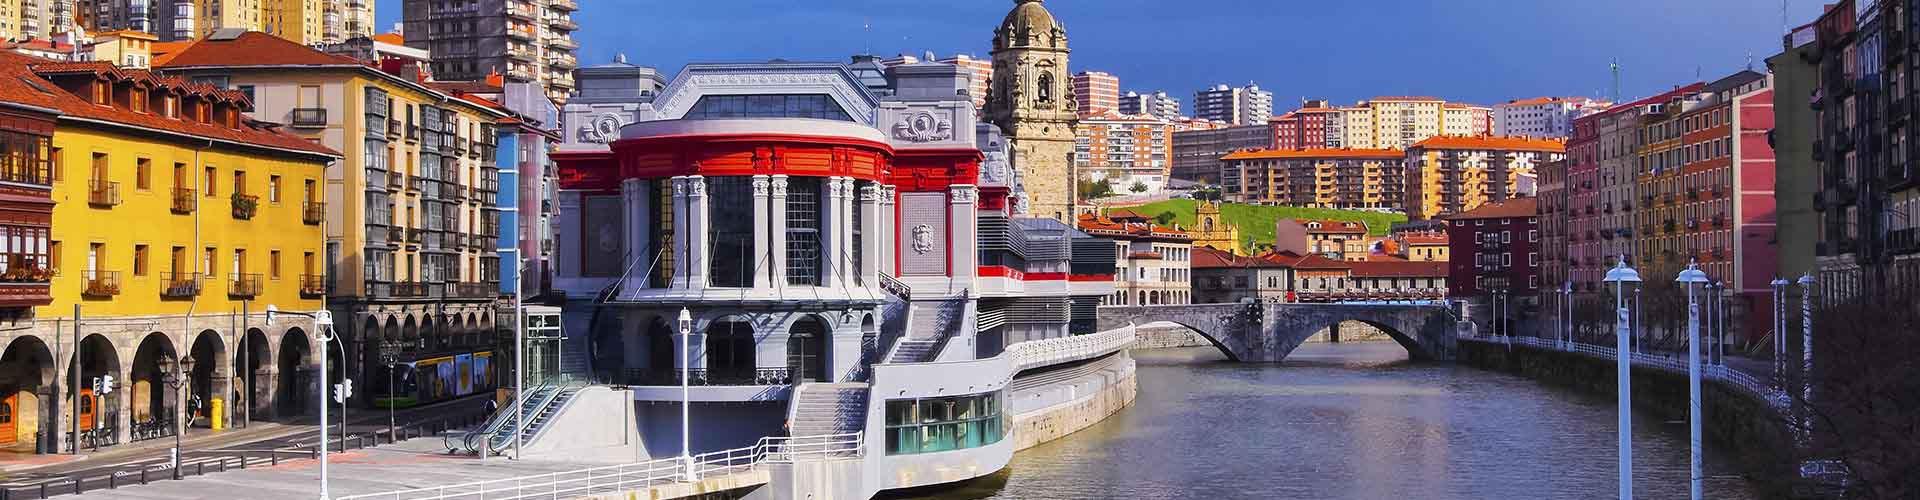 빌바오 - 빌바오 - 아반도역와 가까운 호스텔. 빌바오의 지도, 빌바오에 위치한 호스텔 사진 및 후기 정보.